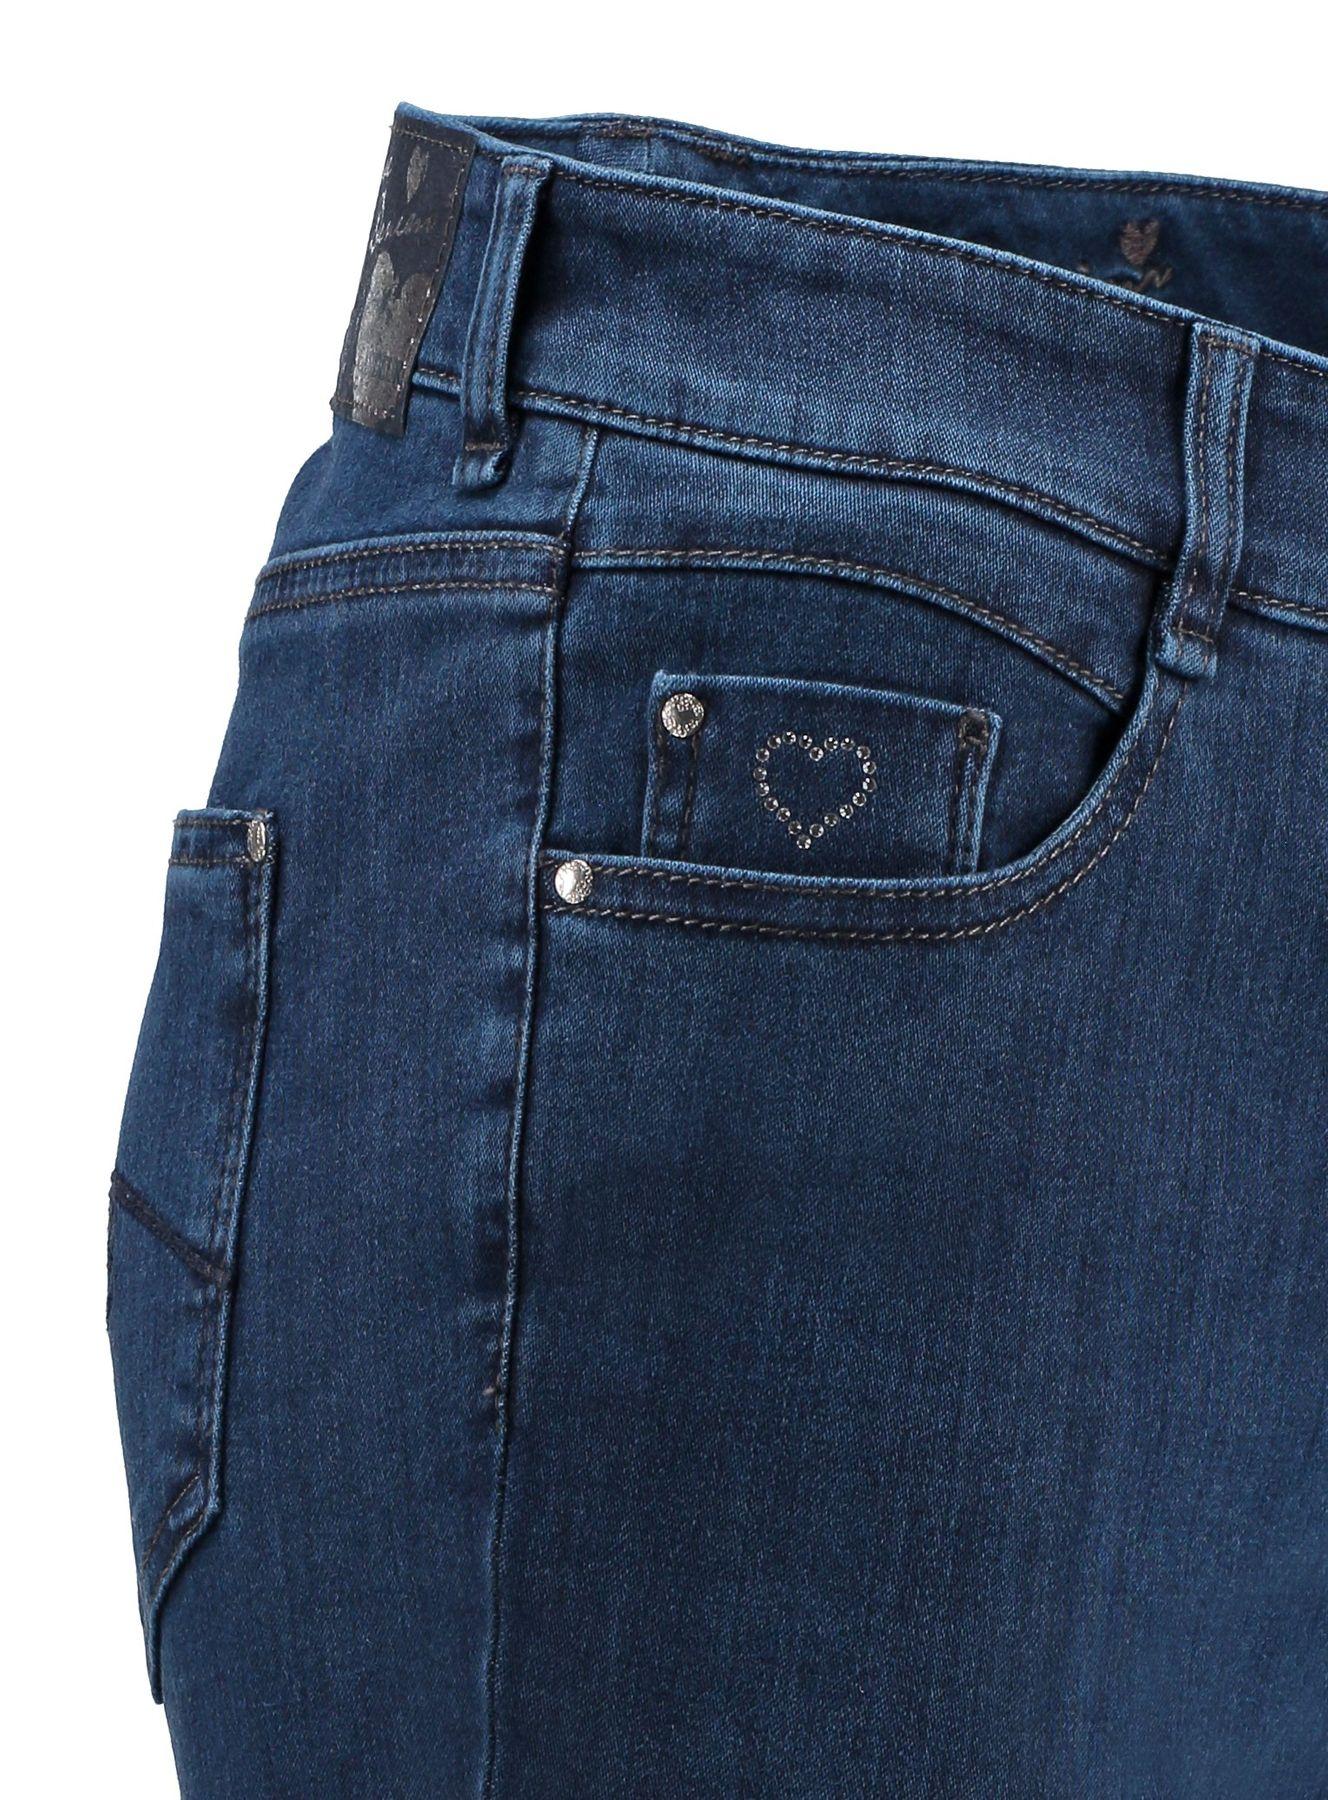 Atelier Gardeur - Slim Fit - Damen 5-Pocket Röhrenhose aus Satindenim in verschiedenen Farben, Zuri (61854) – Bild 7